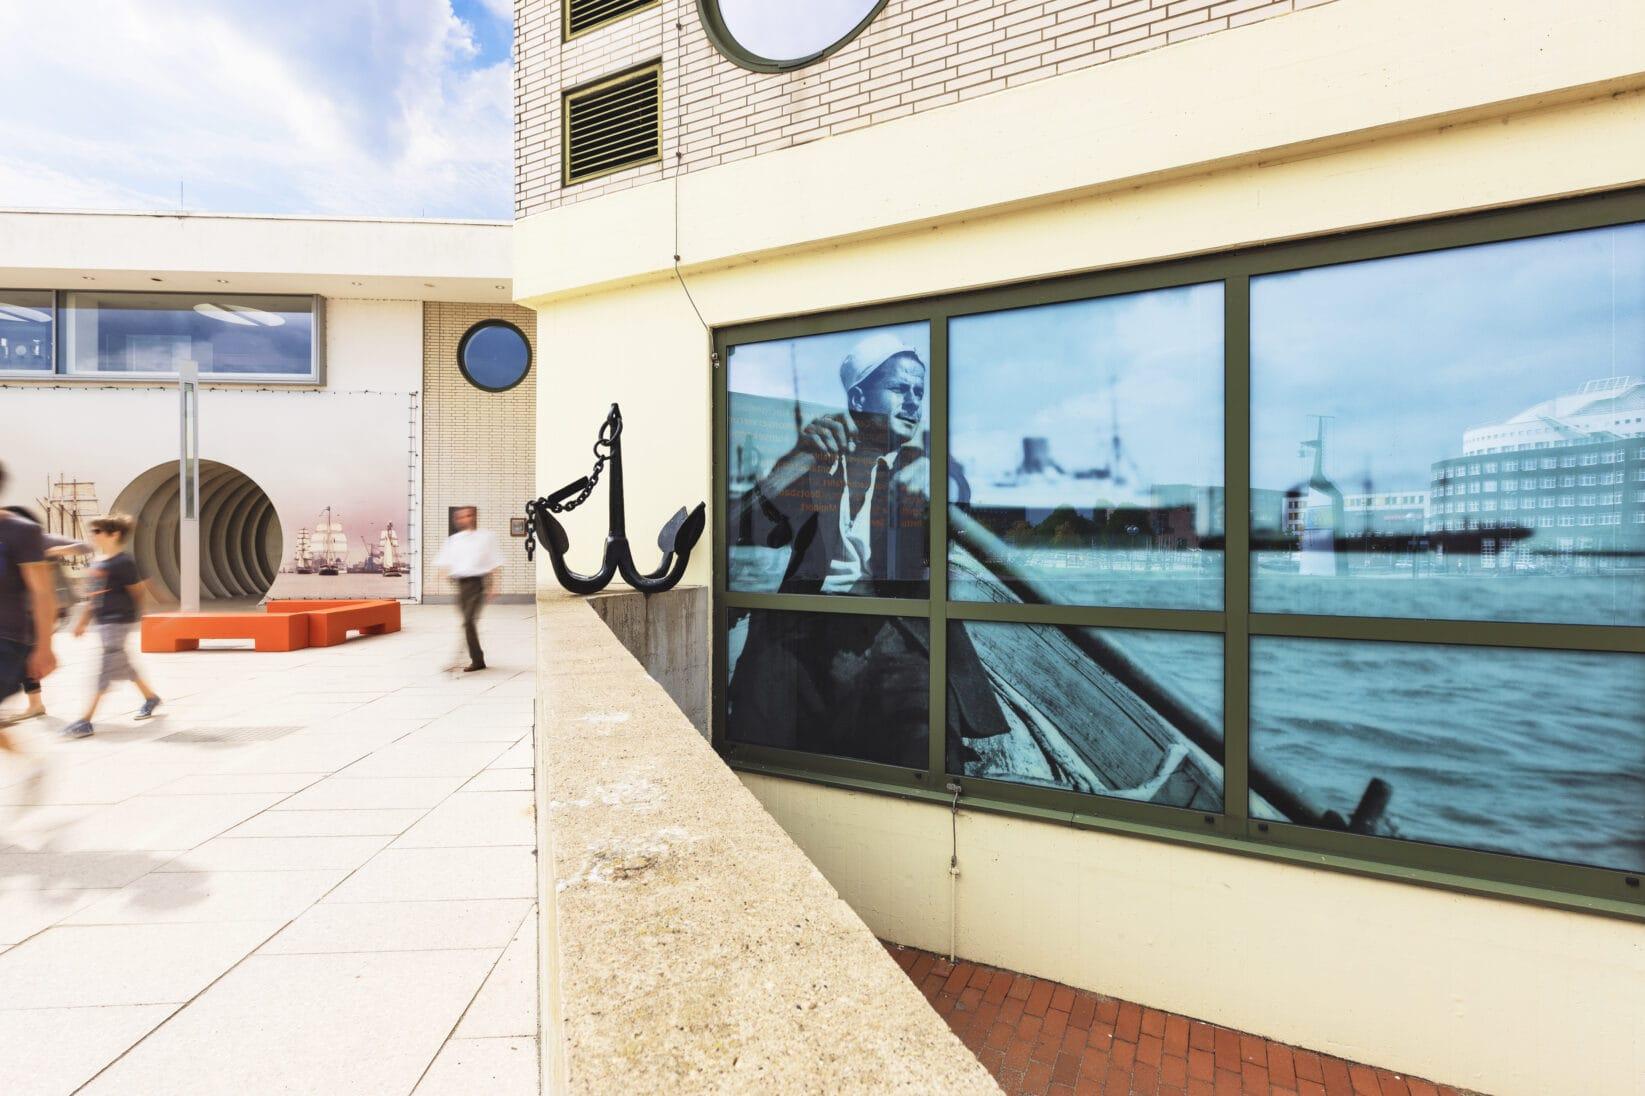 Corporate Identity DSM Schiffahrtsmuseum Außenbereich Eingang Schiffer Bild Matrose